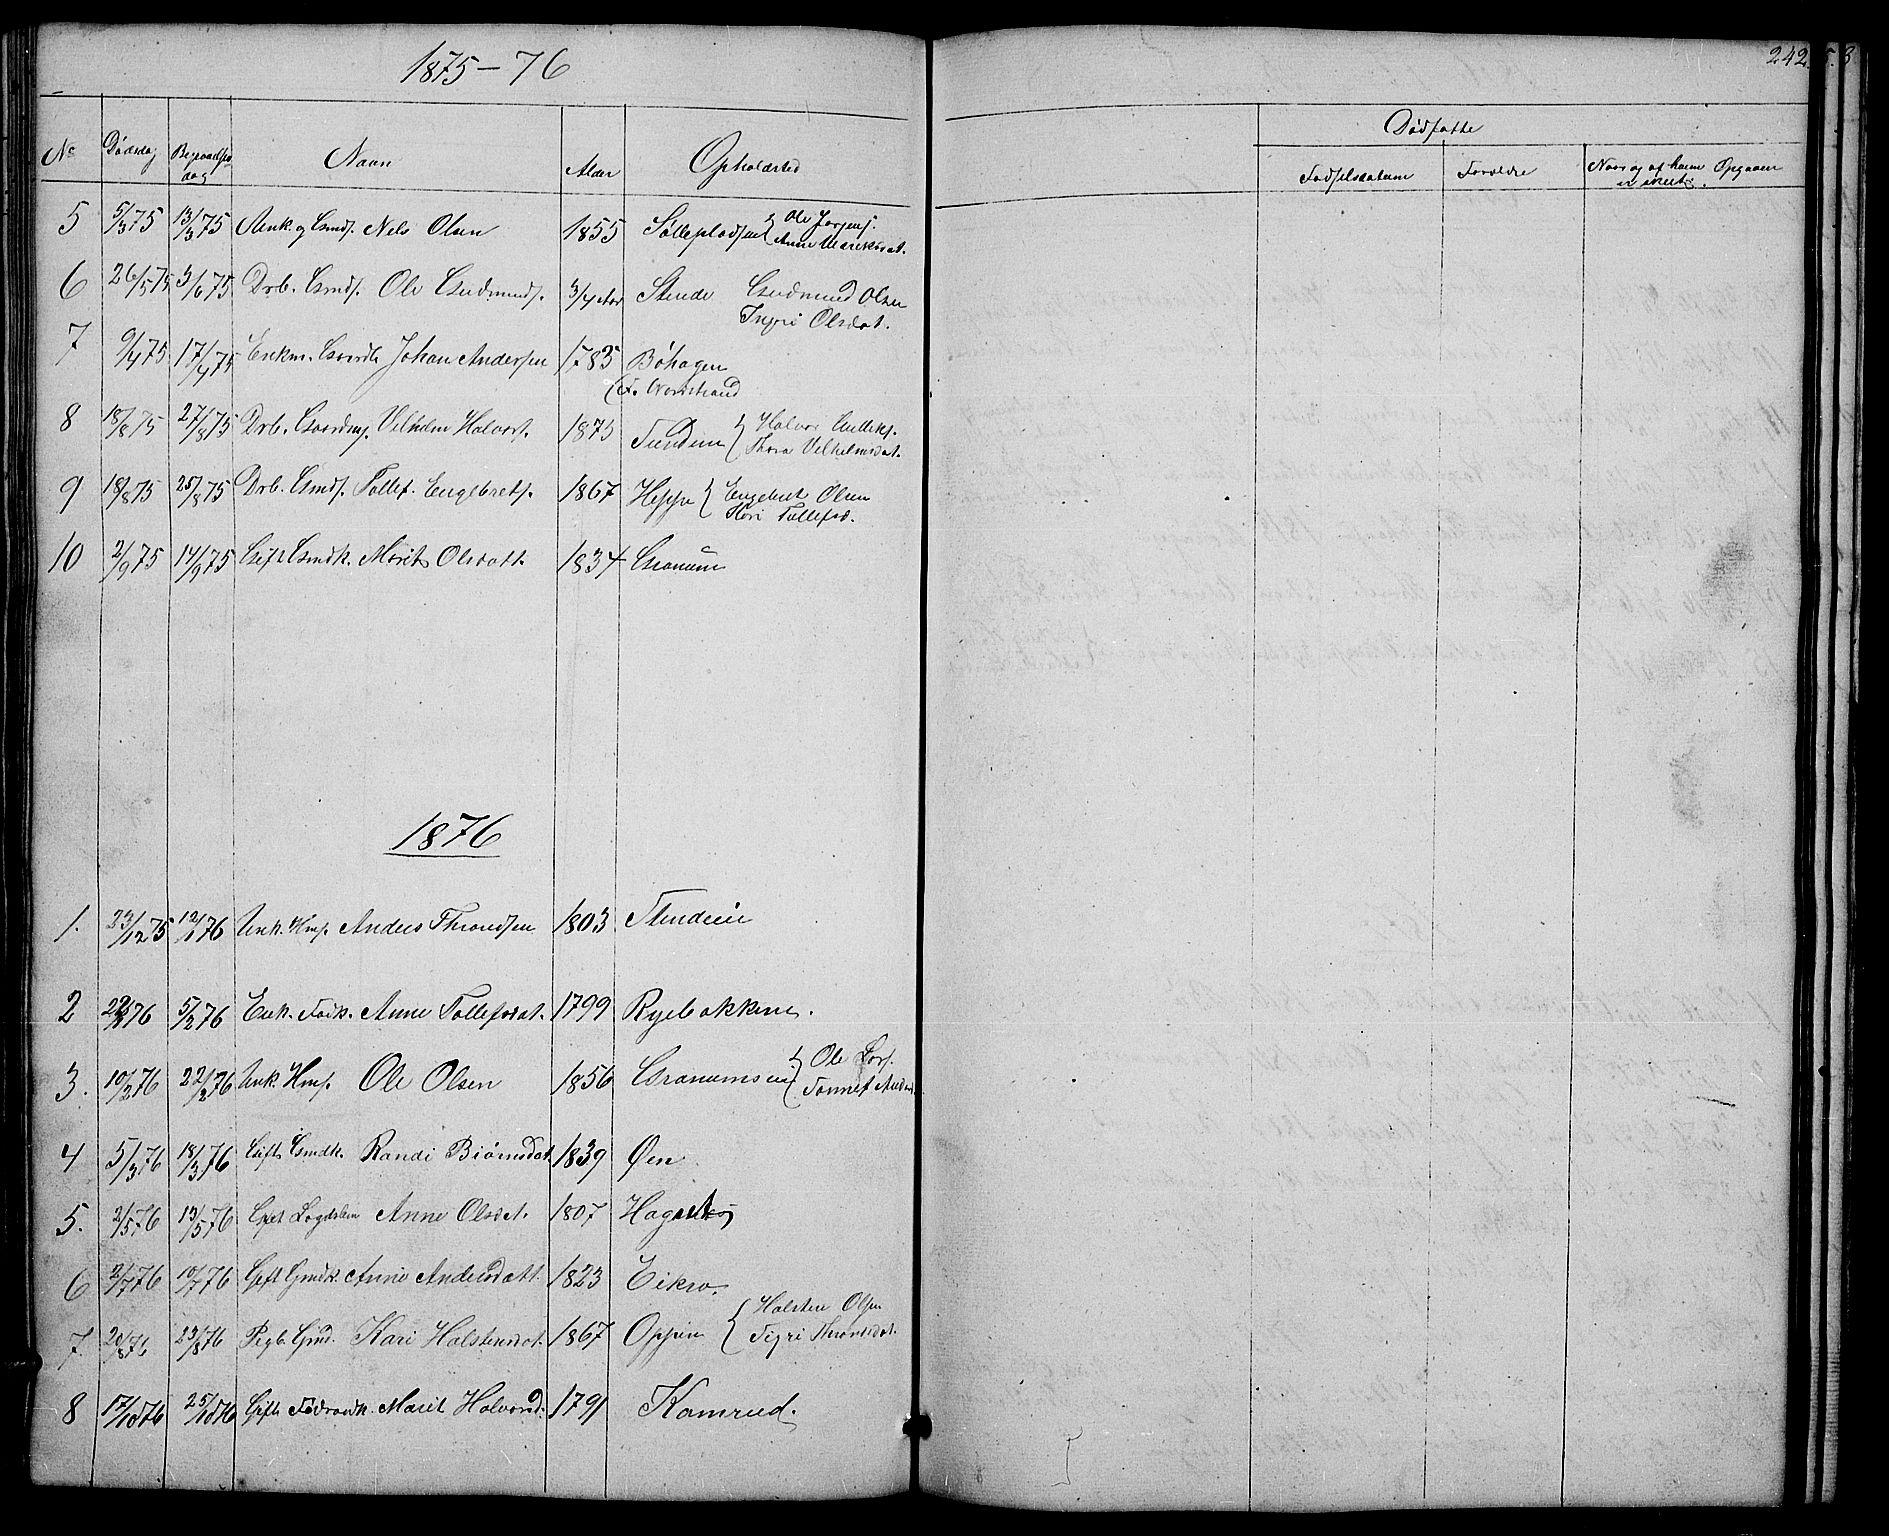 SAH, Nord-Aurdal prestekontor, Klokkerbok nr. 4, 1842-1882, s. 242